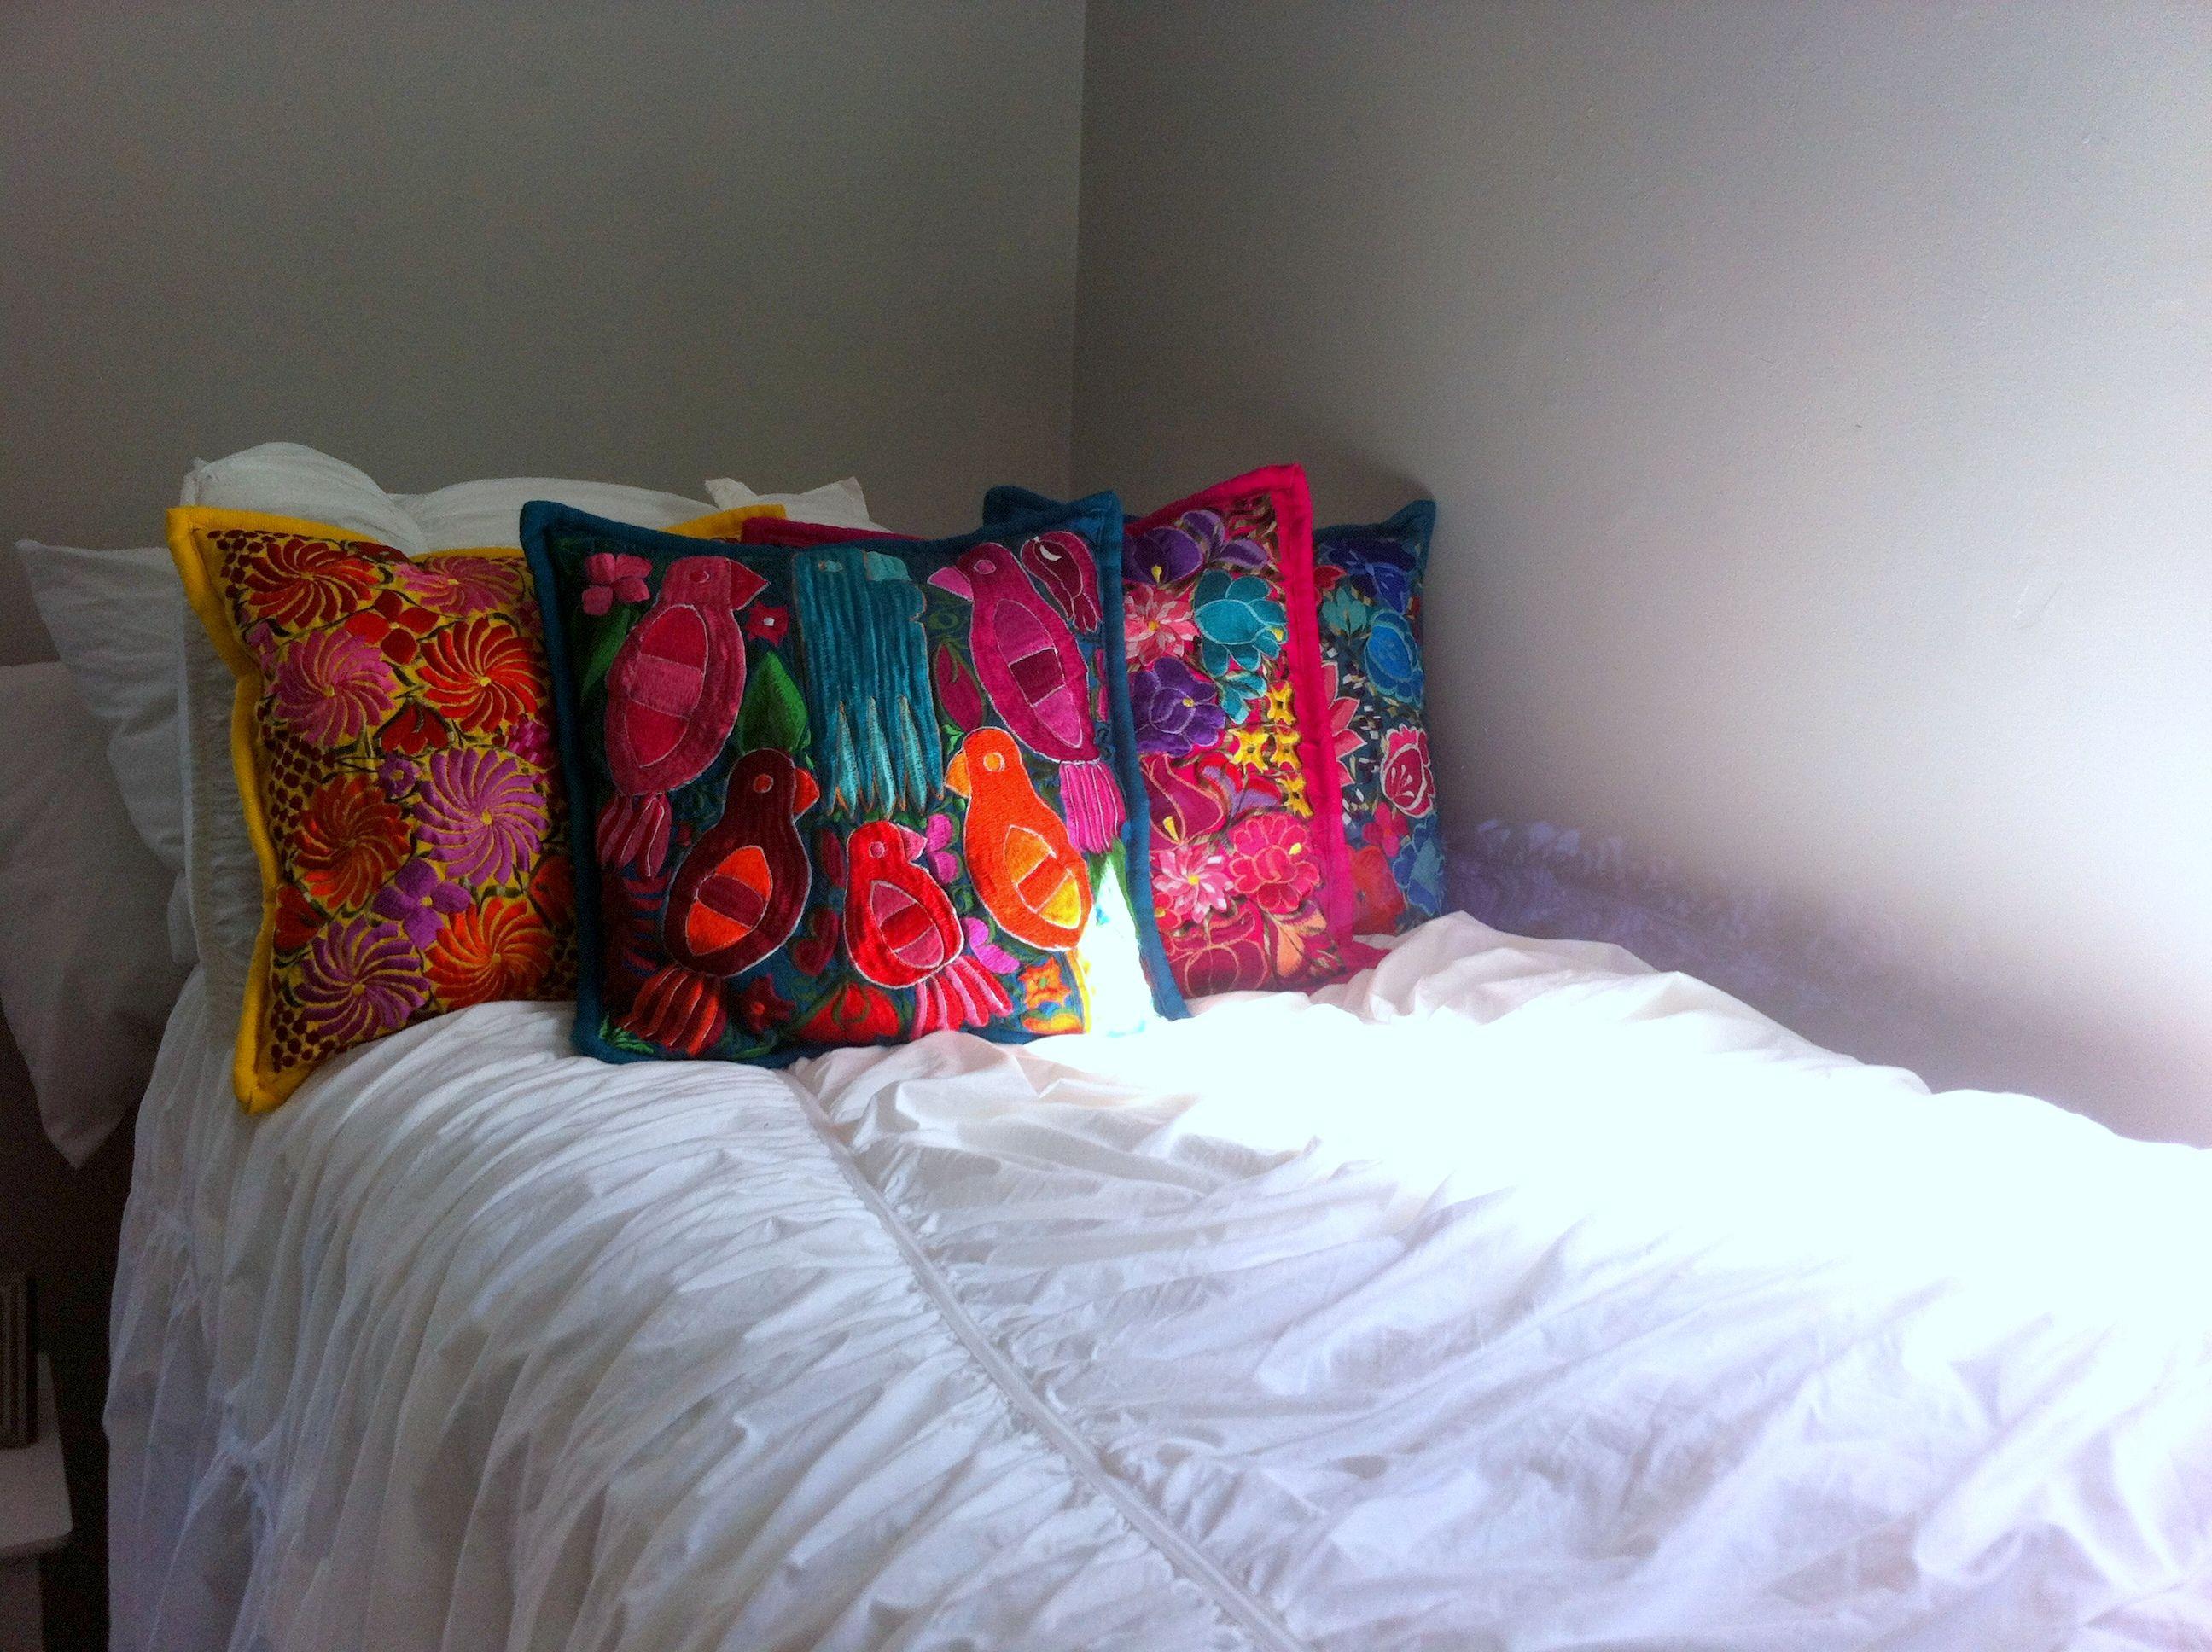 Decorative Pillows For Dorm Rooms : Dorm Room Decor with Various Pillows! www.frescofabrics.com Fresco Fabrics Pinterest Dorm ...